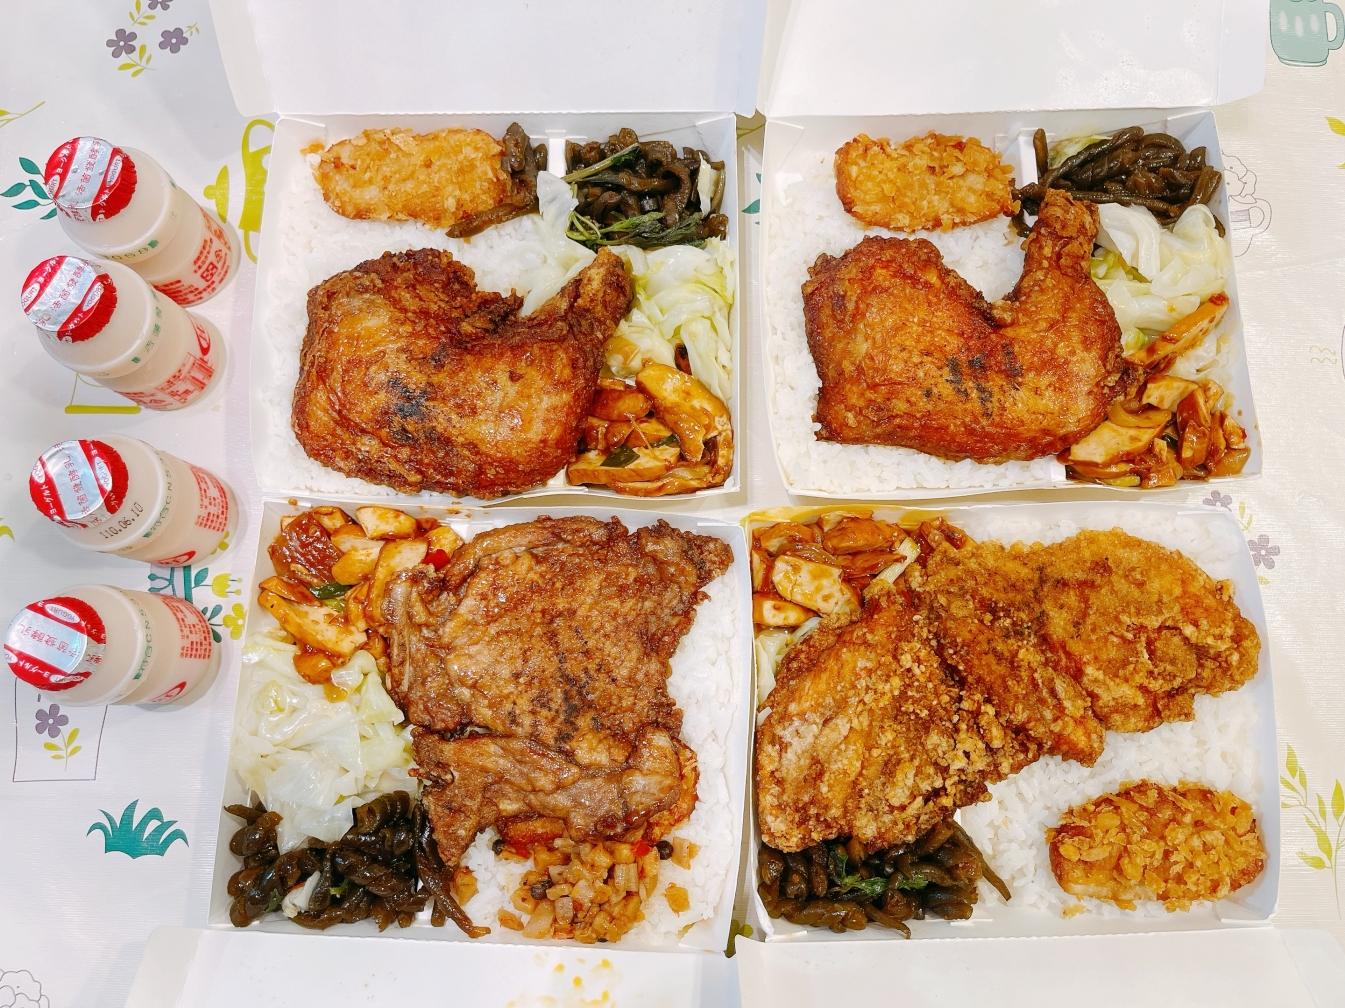 [桃園美食]巧米雞腿大王.桃鶯店 招牌必點雞腿飯.先醃再炸吃的到肉汁~比臉大的雞排飯 @VIVIYU小世界